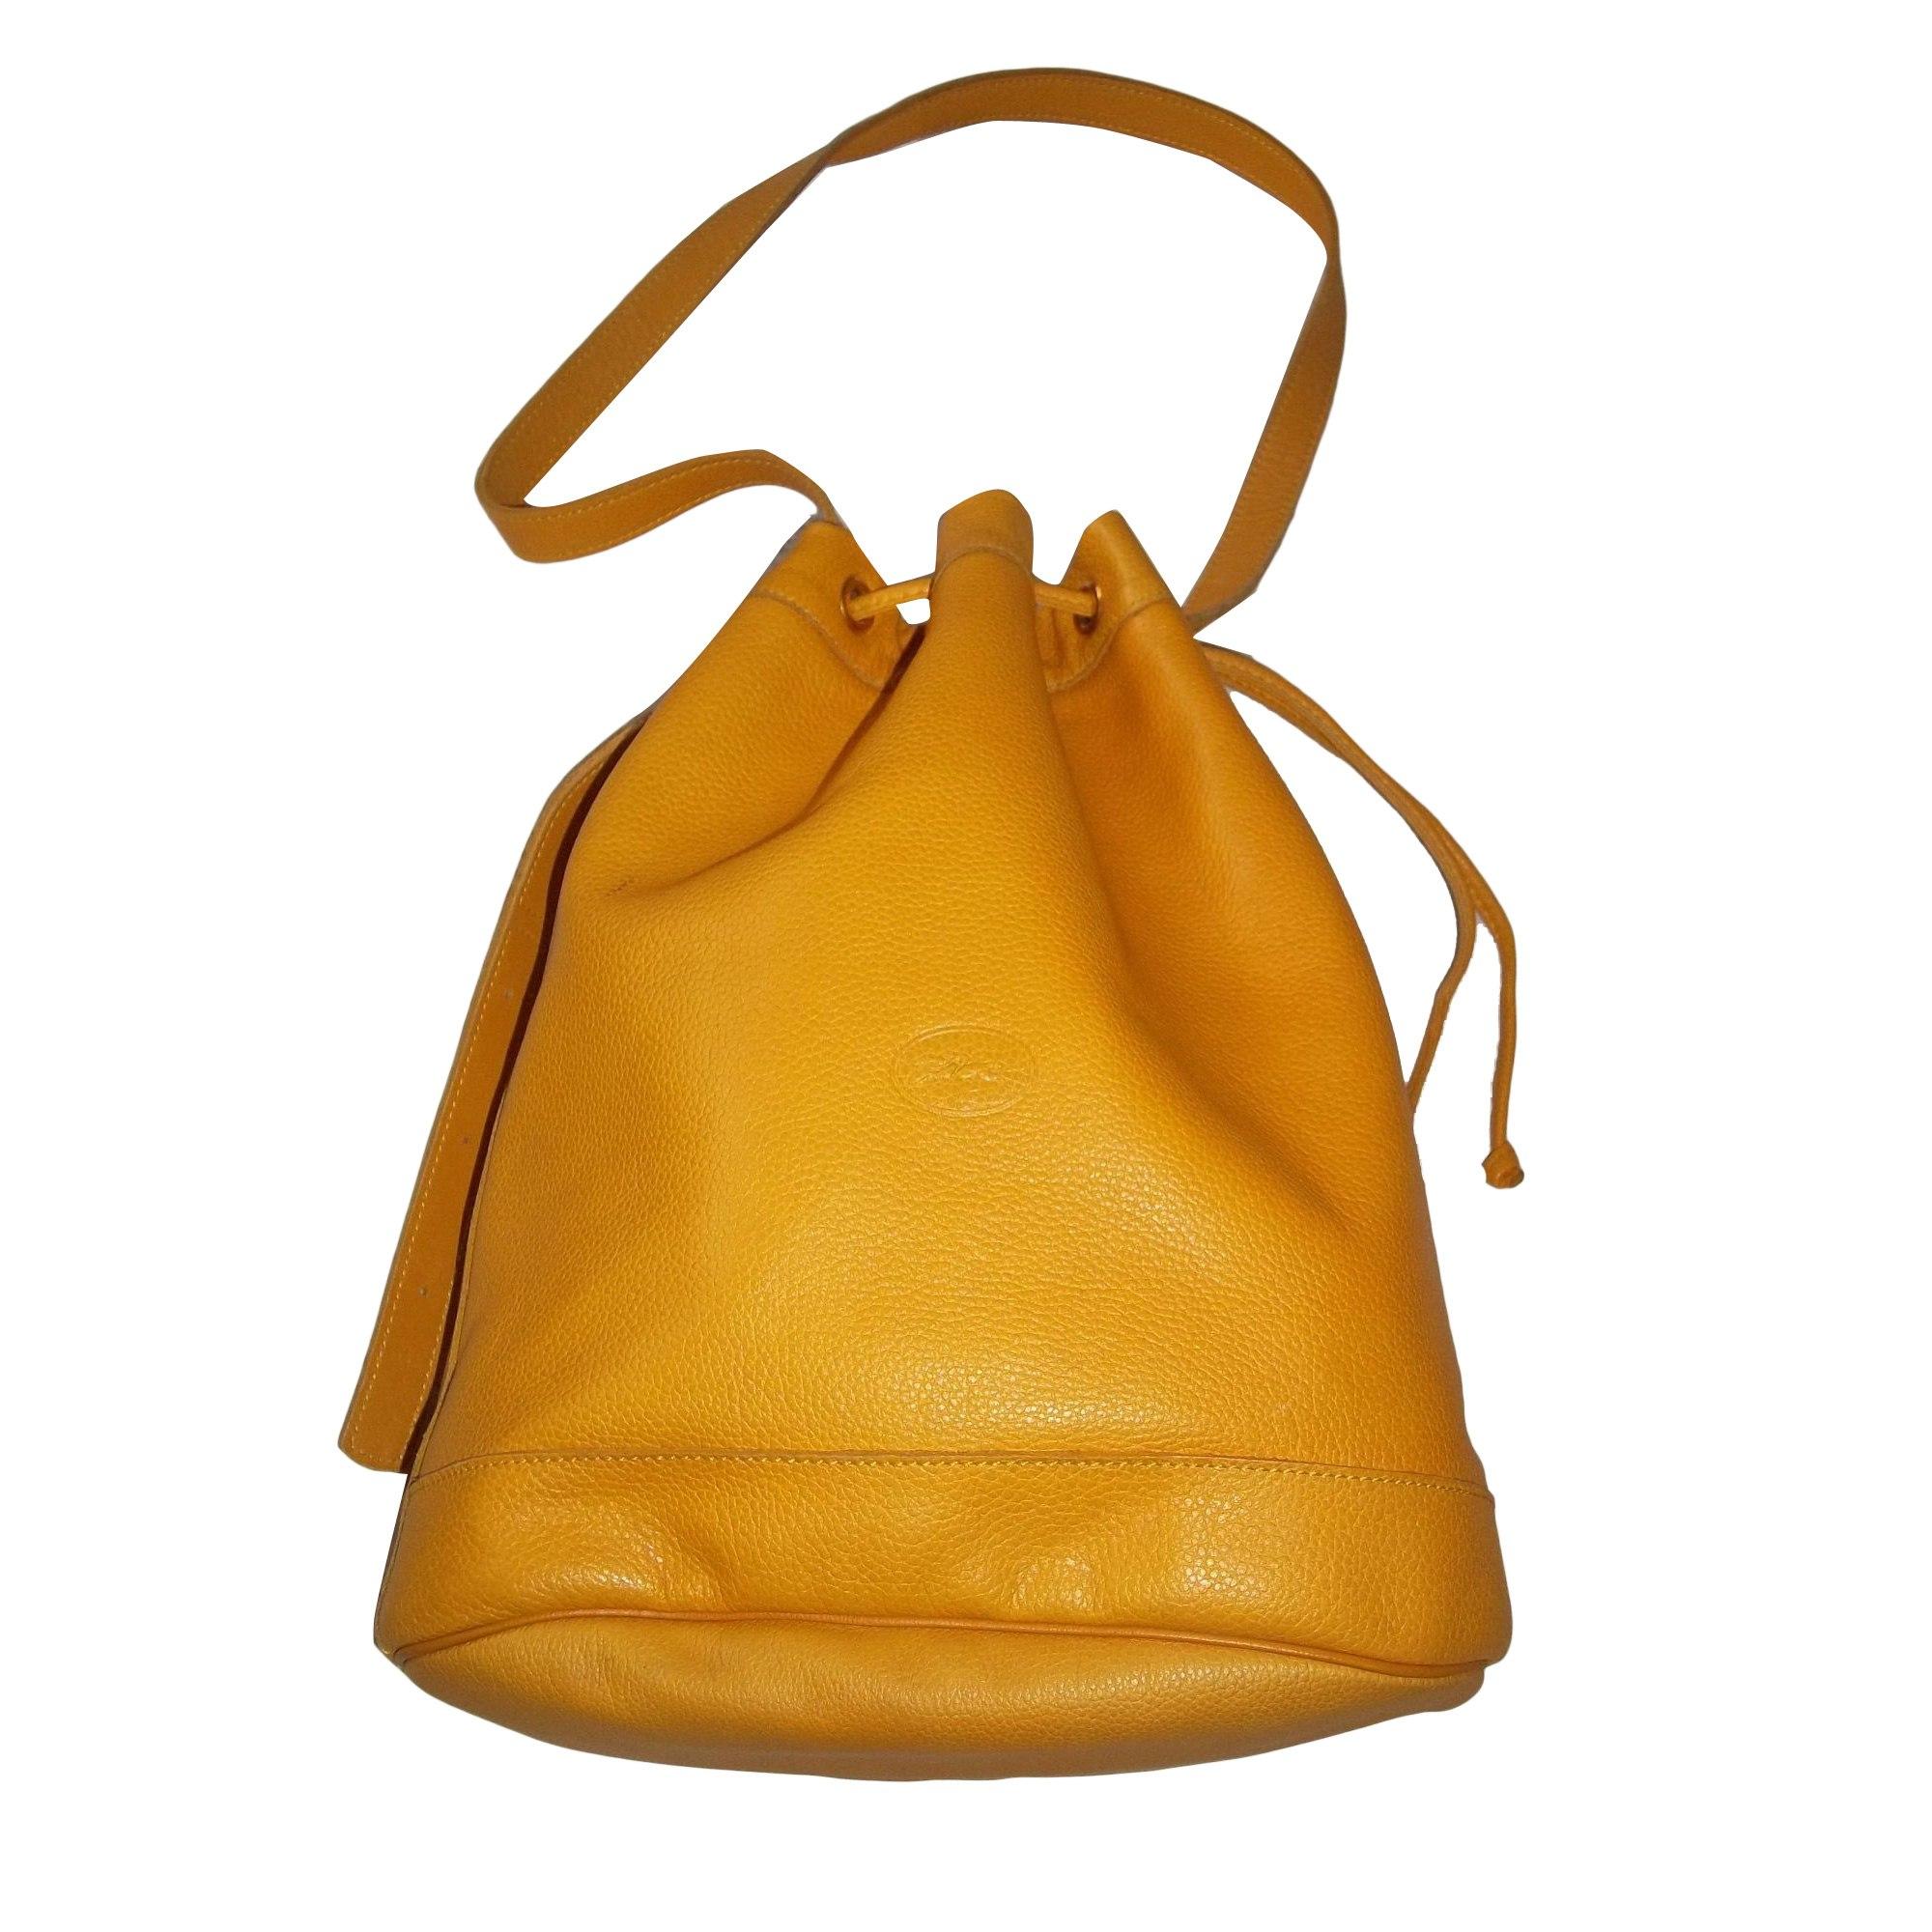 sac longchamp jaune cuir grainé